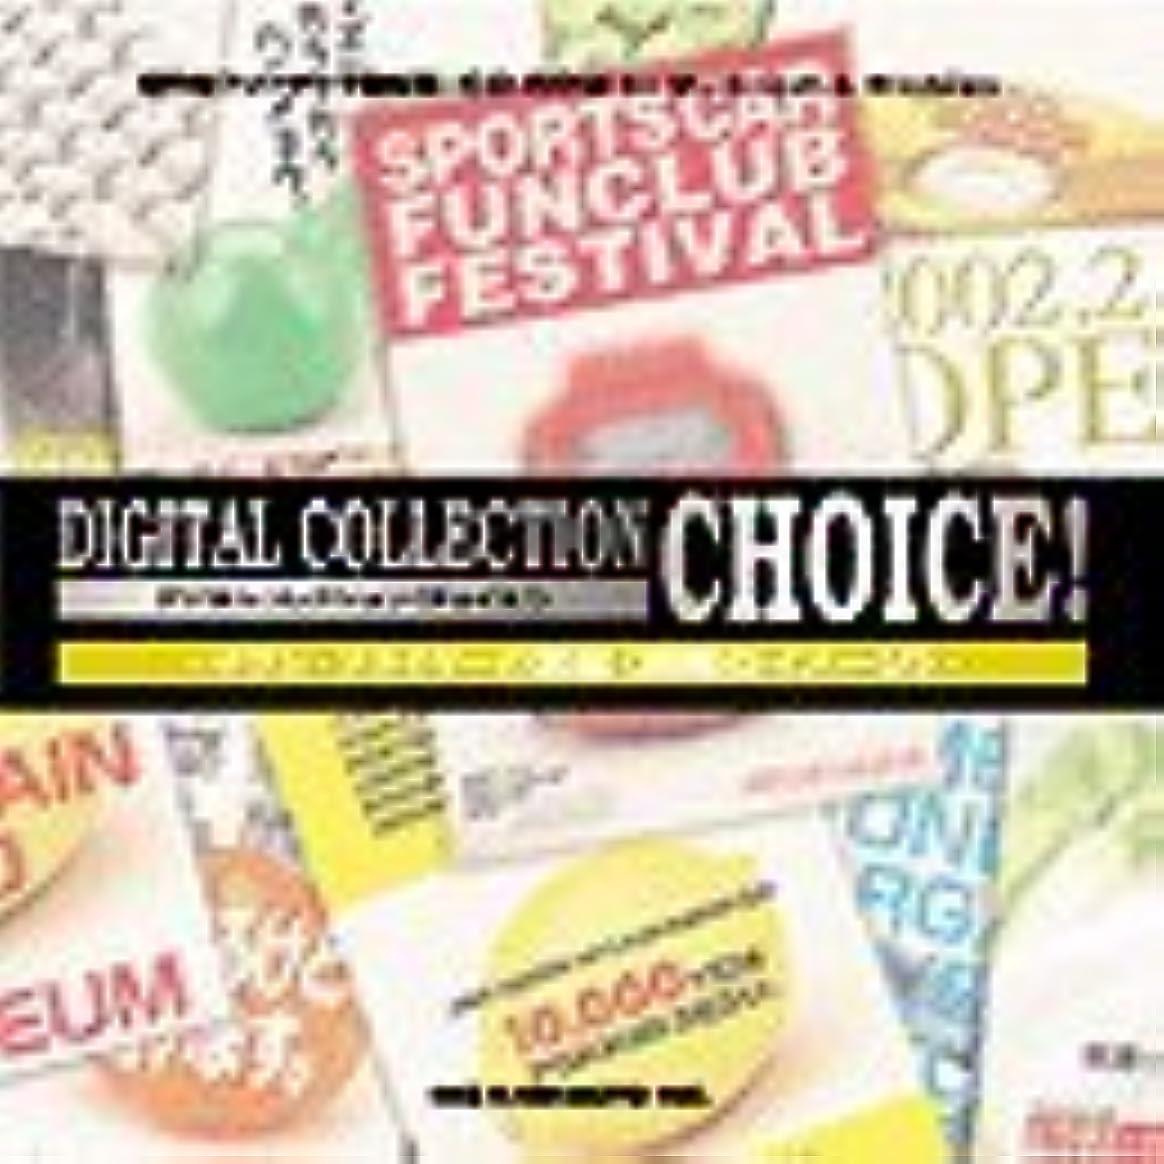 生態学雲思いつくDigital Collection Choice! チラシ?フライヤーの素編 「俯瞰のイメージ」